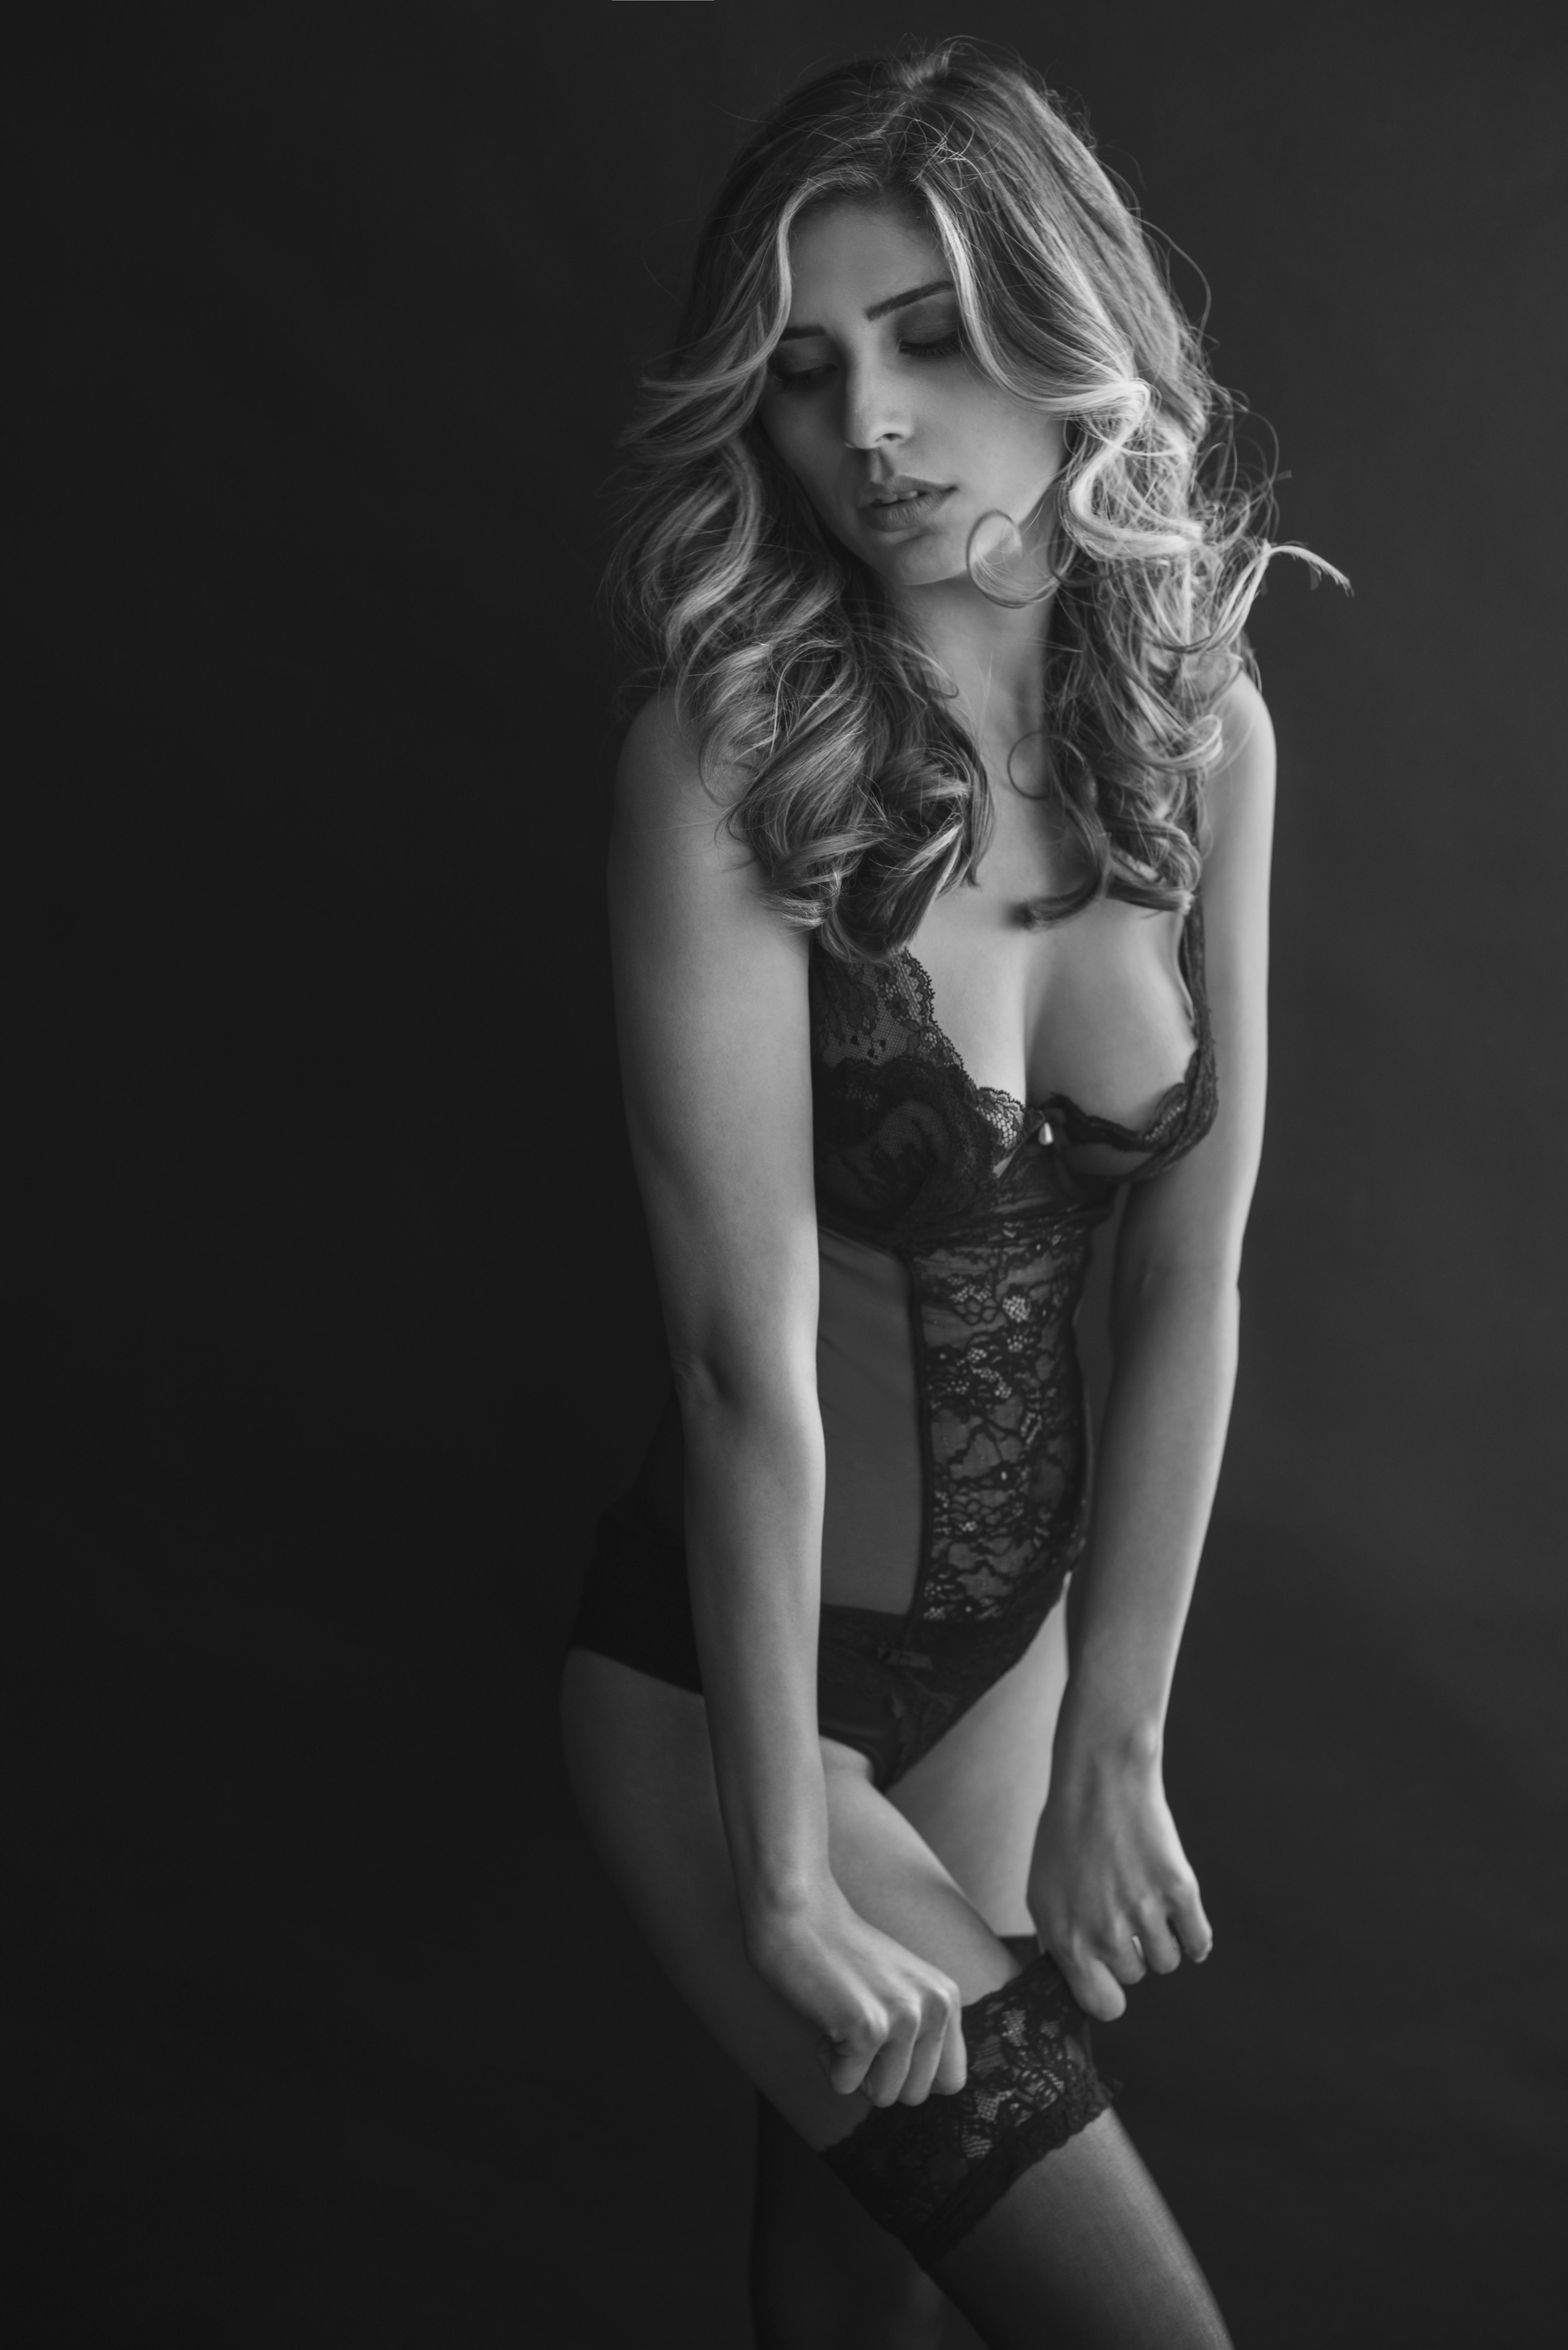 boudoir-portrait-photographer